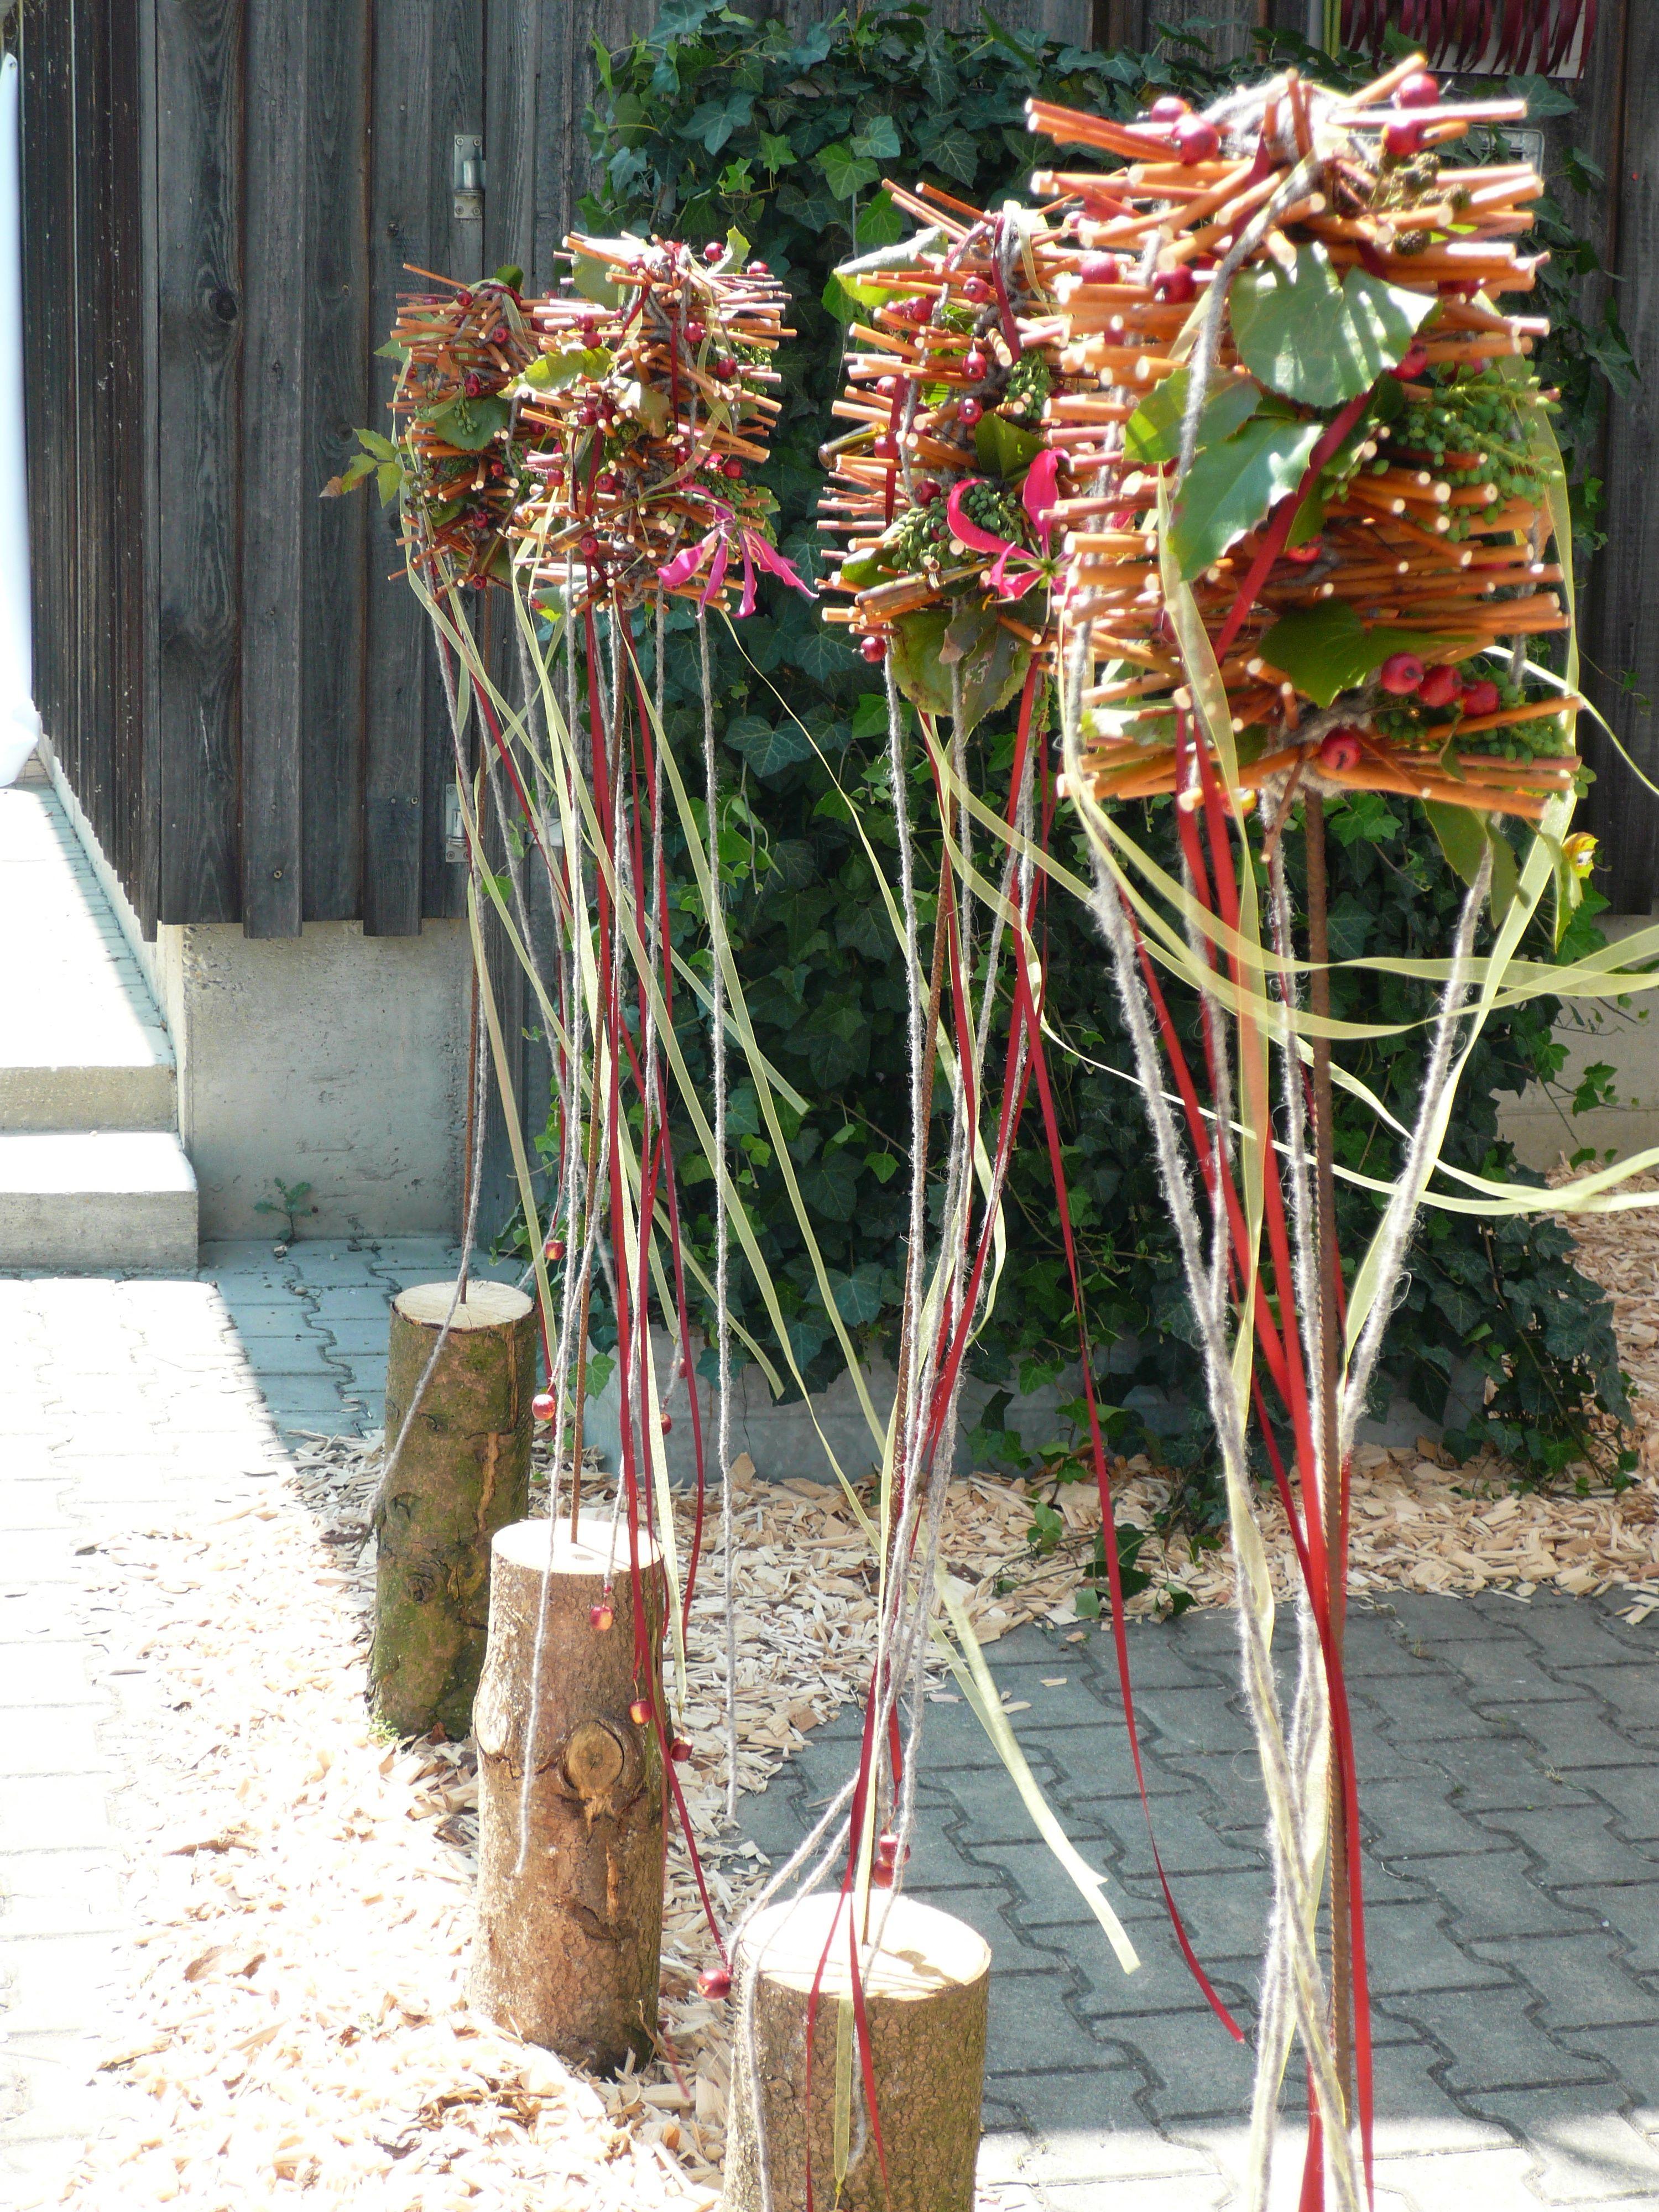 Designer Stehlen florale stehlen äste miteinander verbunden mit wickeldraht